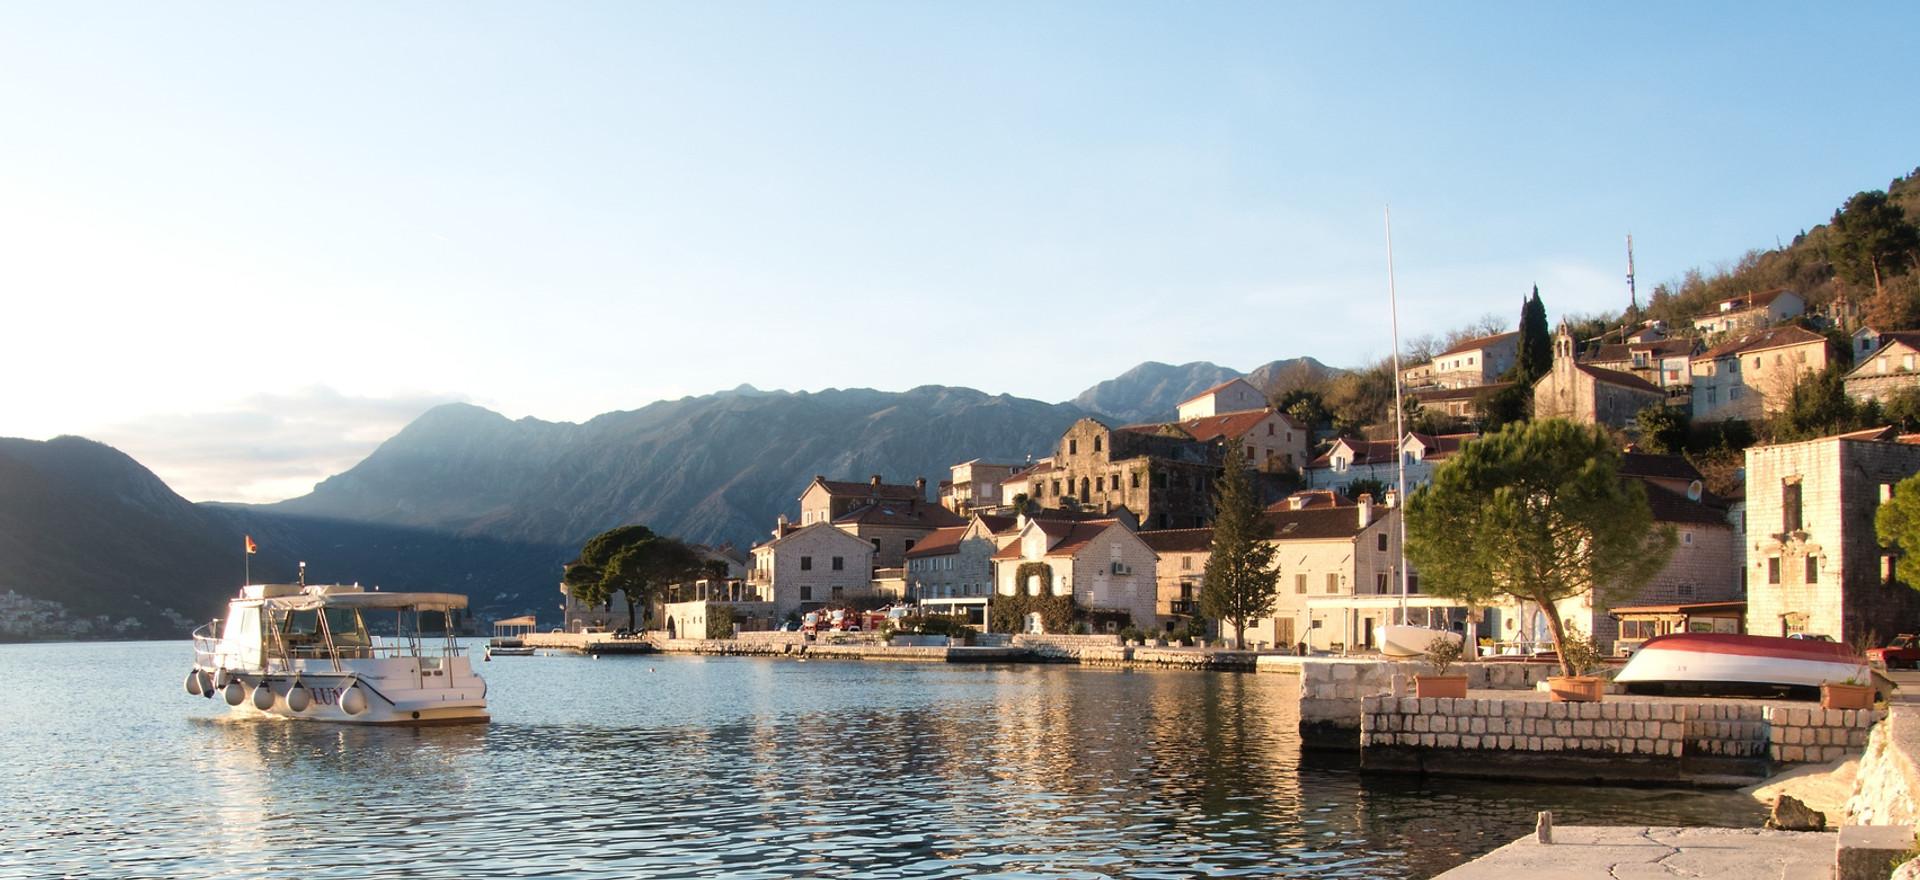 The Balkan Series - Part 6: Kotor Bay - Pearl of the Balkans